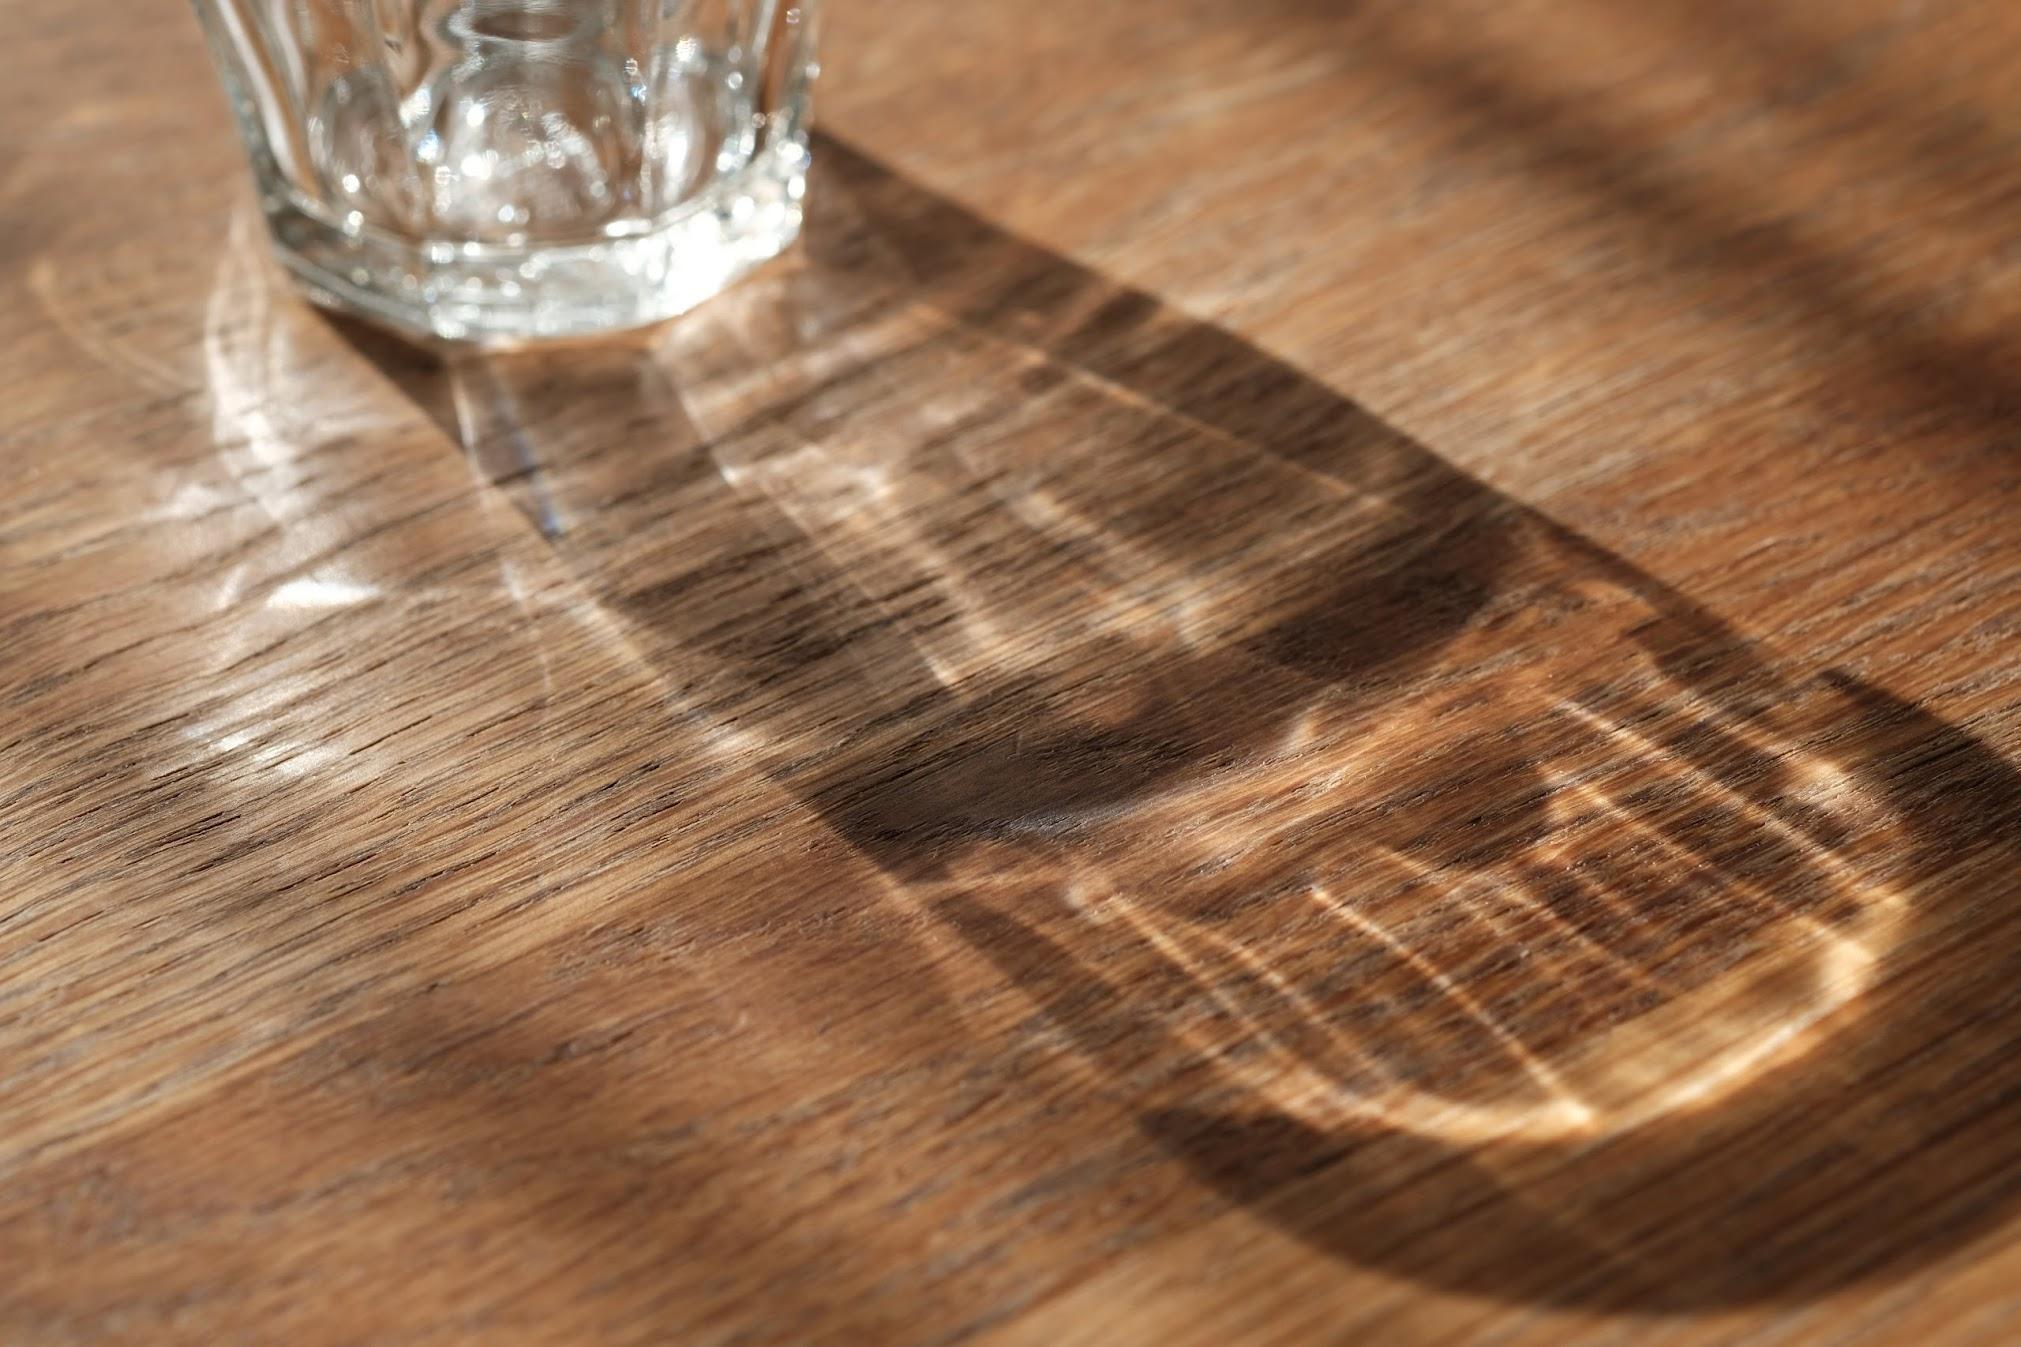 XF60㎜で撮ったコップの影。